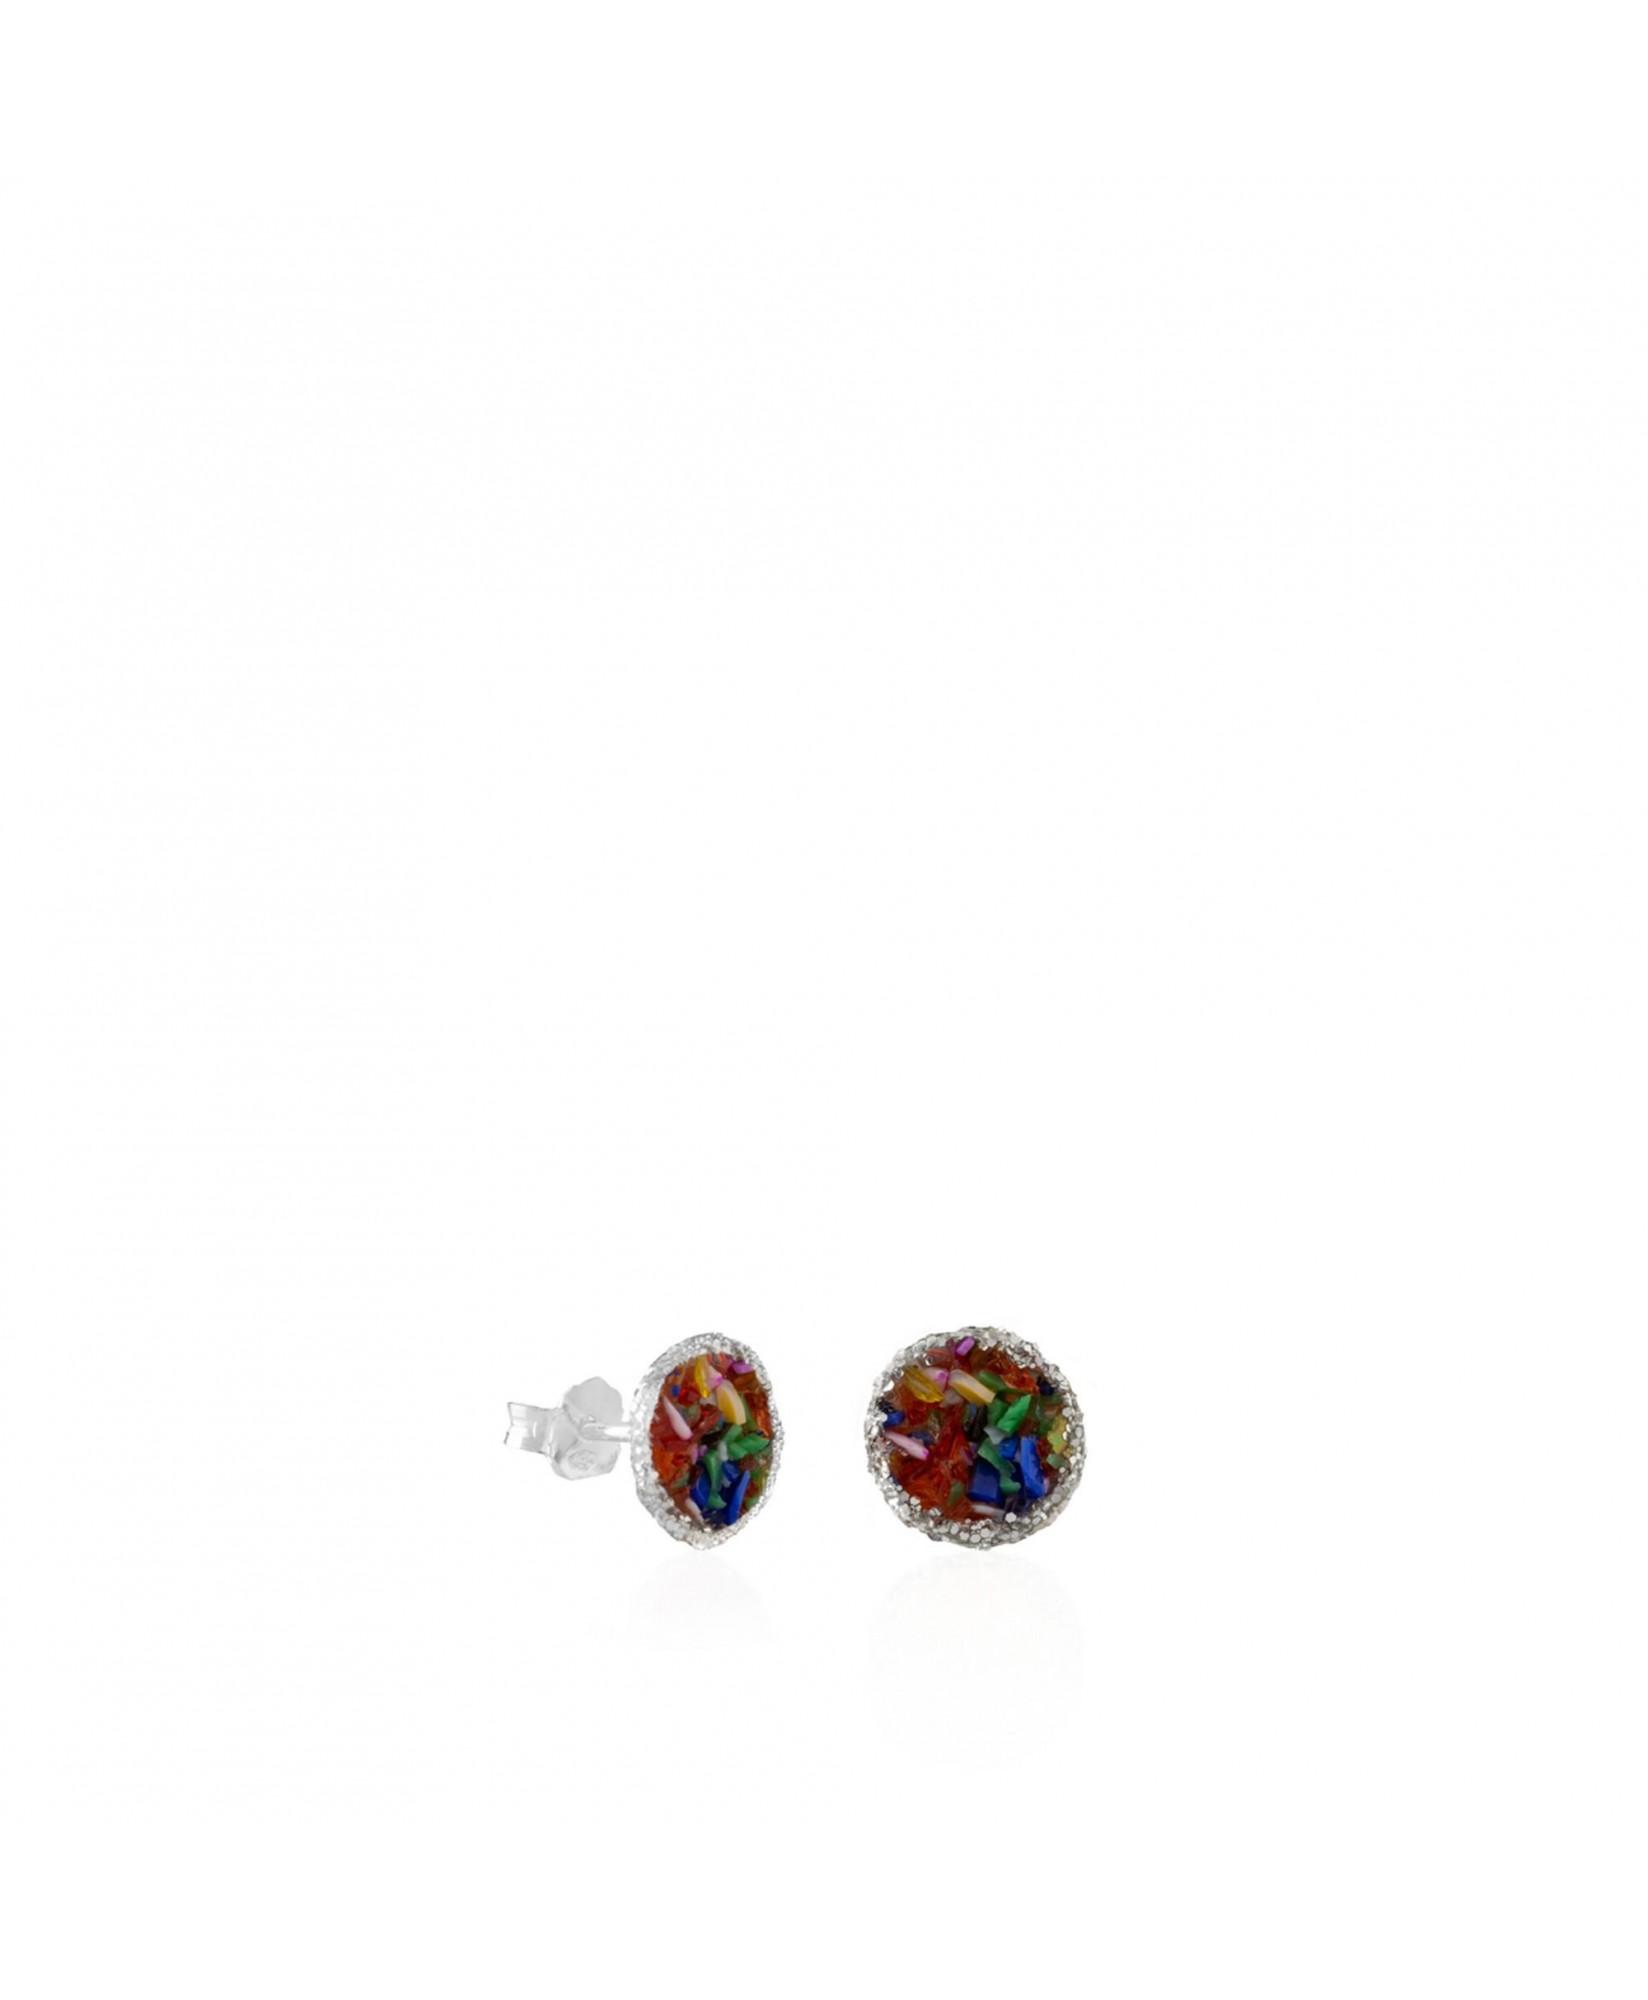 Pendientes dormilonas de plata medianos Rainbow con nácar multicolor Pendientes dormilonas de plata medianos Rainbow con nácar multicolor